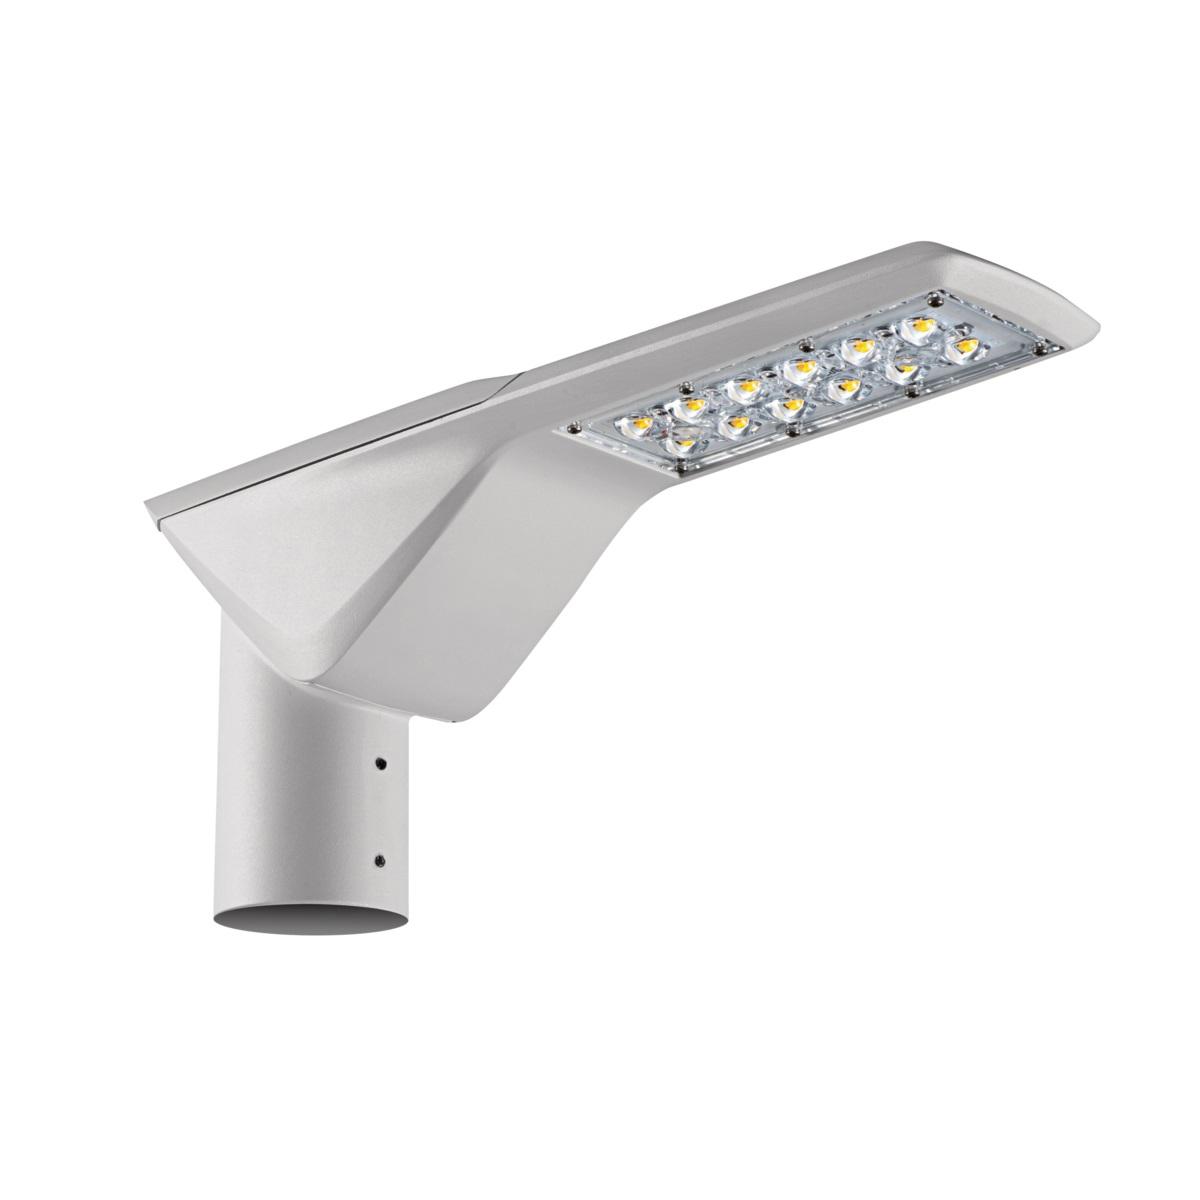 1 Stk RUBINI LED 20W 2350lm 730, asymmetrisch, IP66, grau LIGU262101